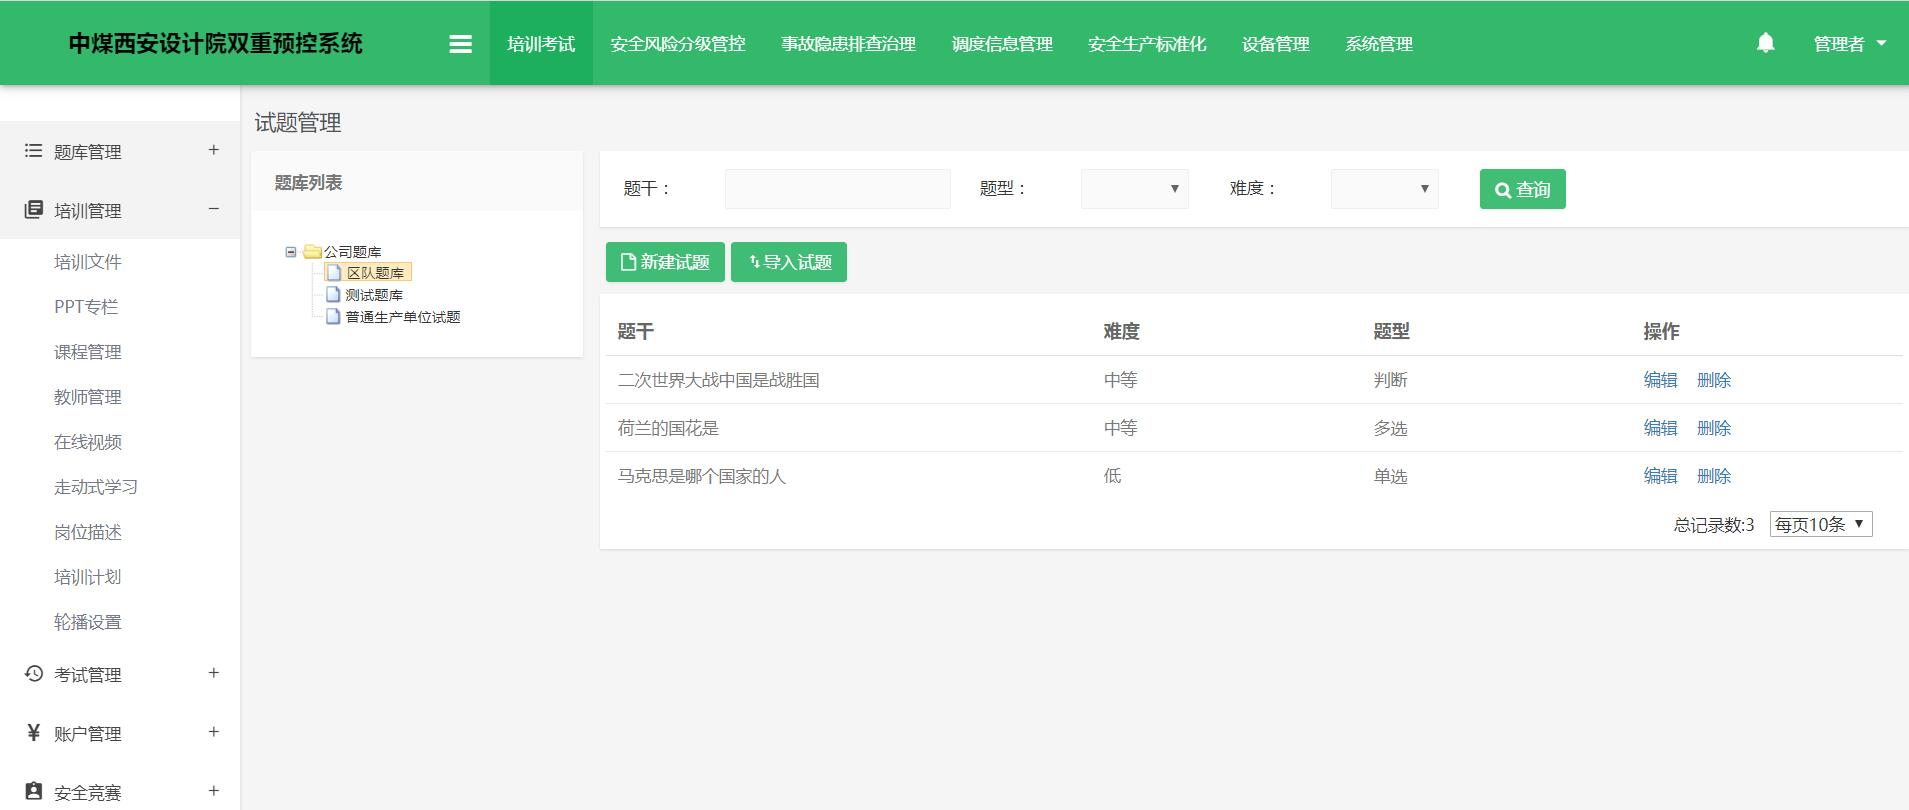 危化工贸行业生产安全双控体系信息化建设平台.jpg